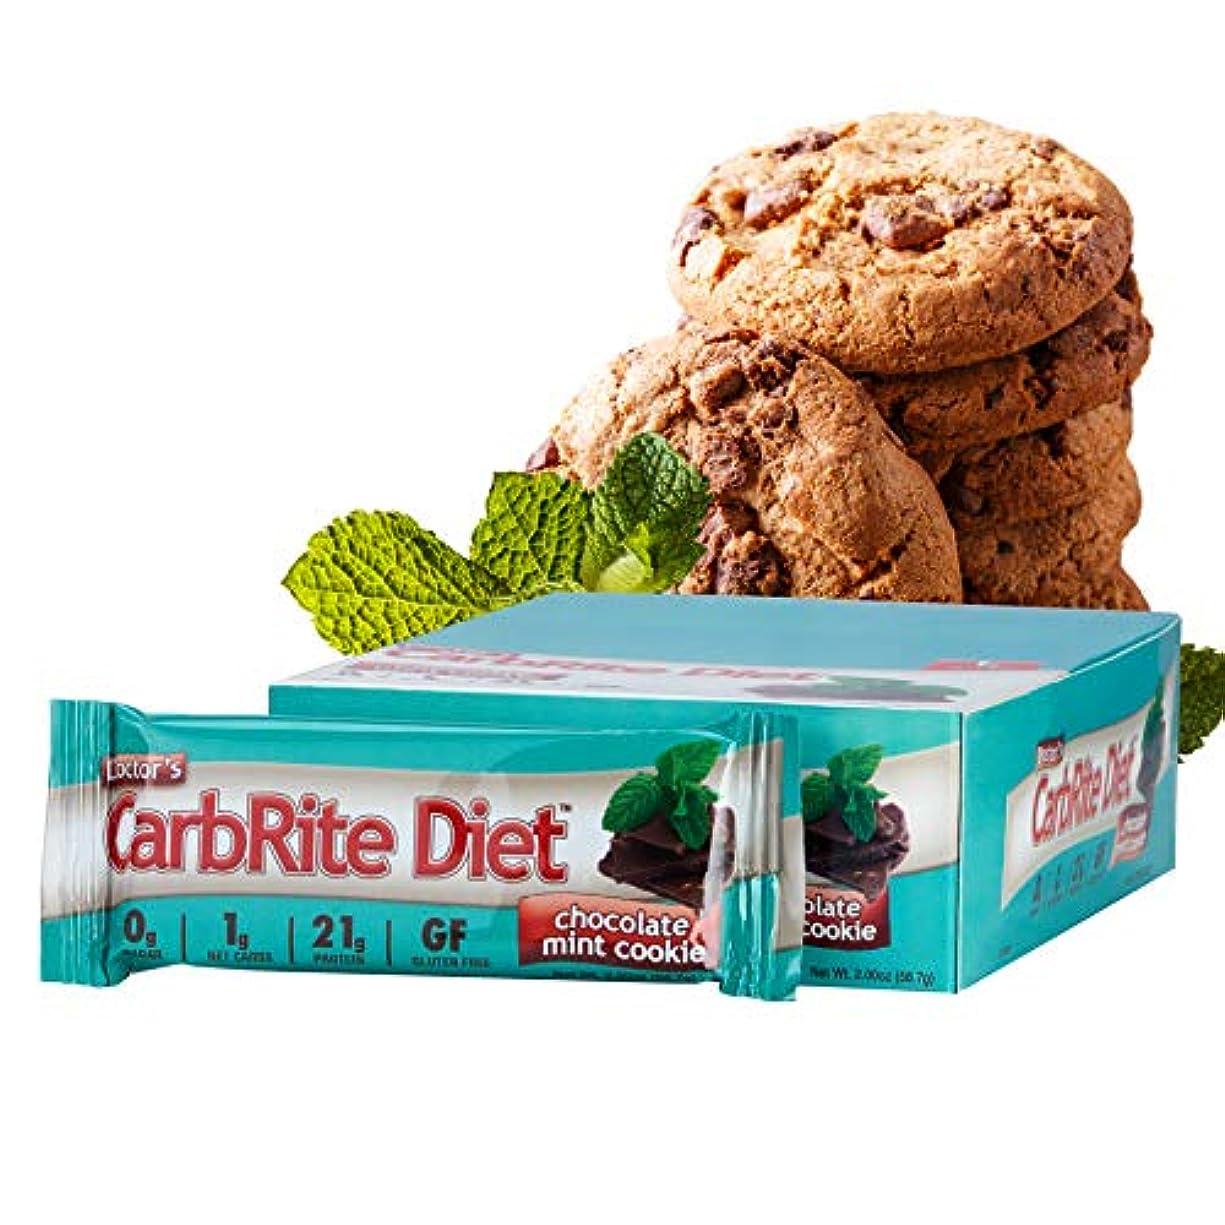 受け継ぐマニア十代ドクターズダイエット?カーボライト?バー?チョコレートミントクッキー 12本